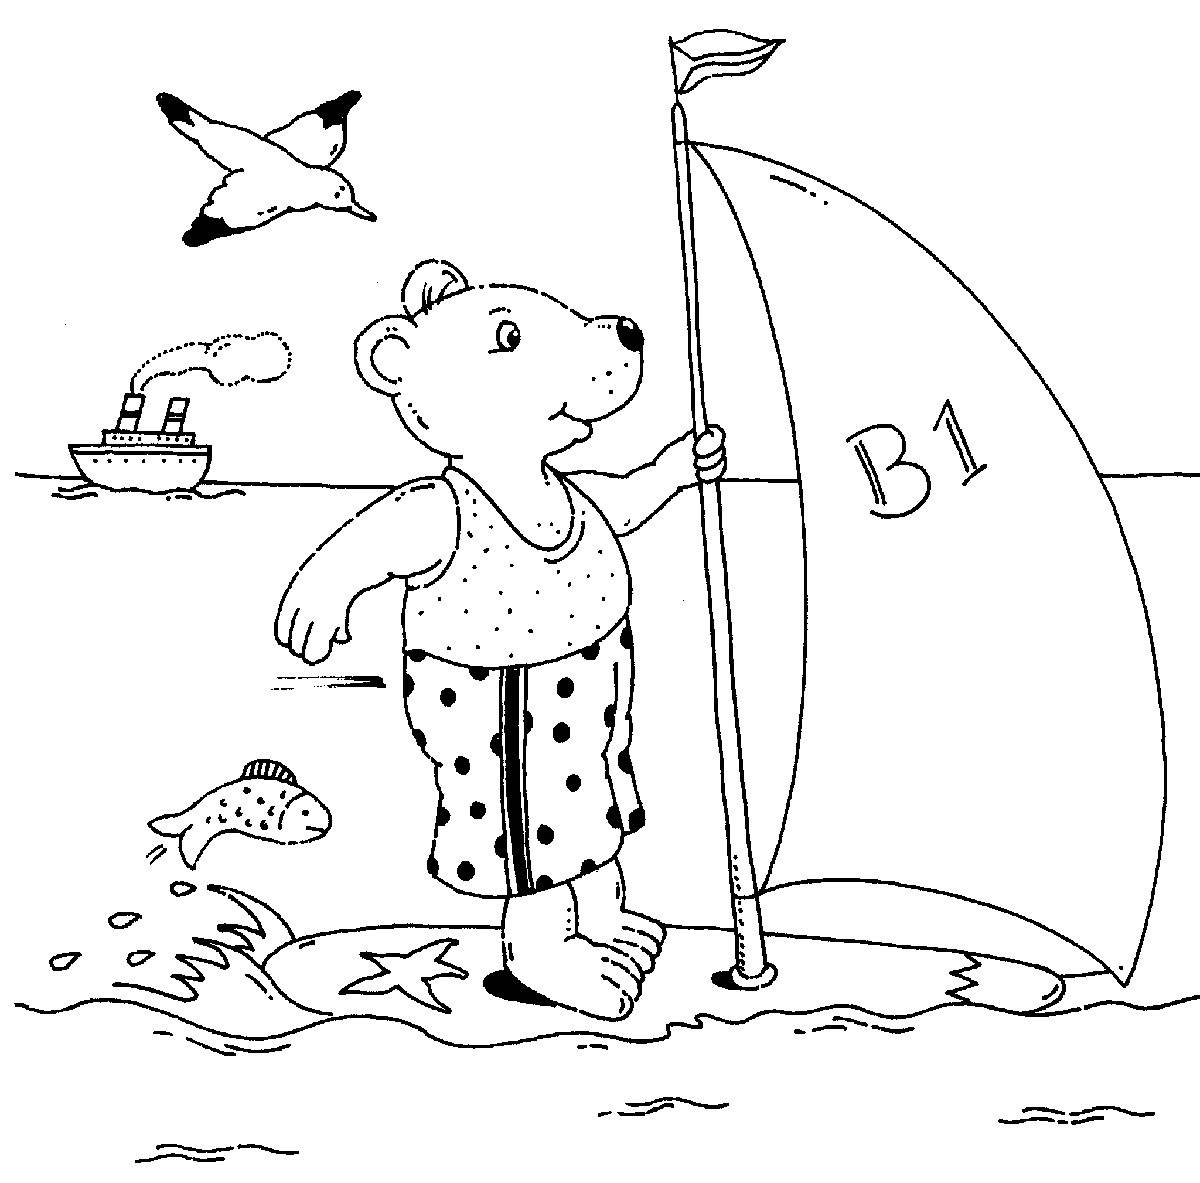 Ausmalbild Urlaub und Reisen: Bär auf dem Surfbrett kostenlos ausdrucken